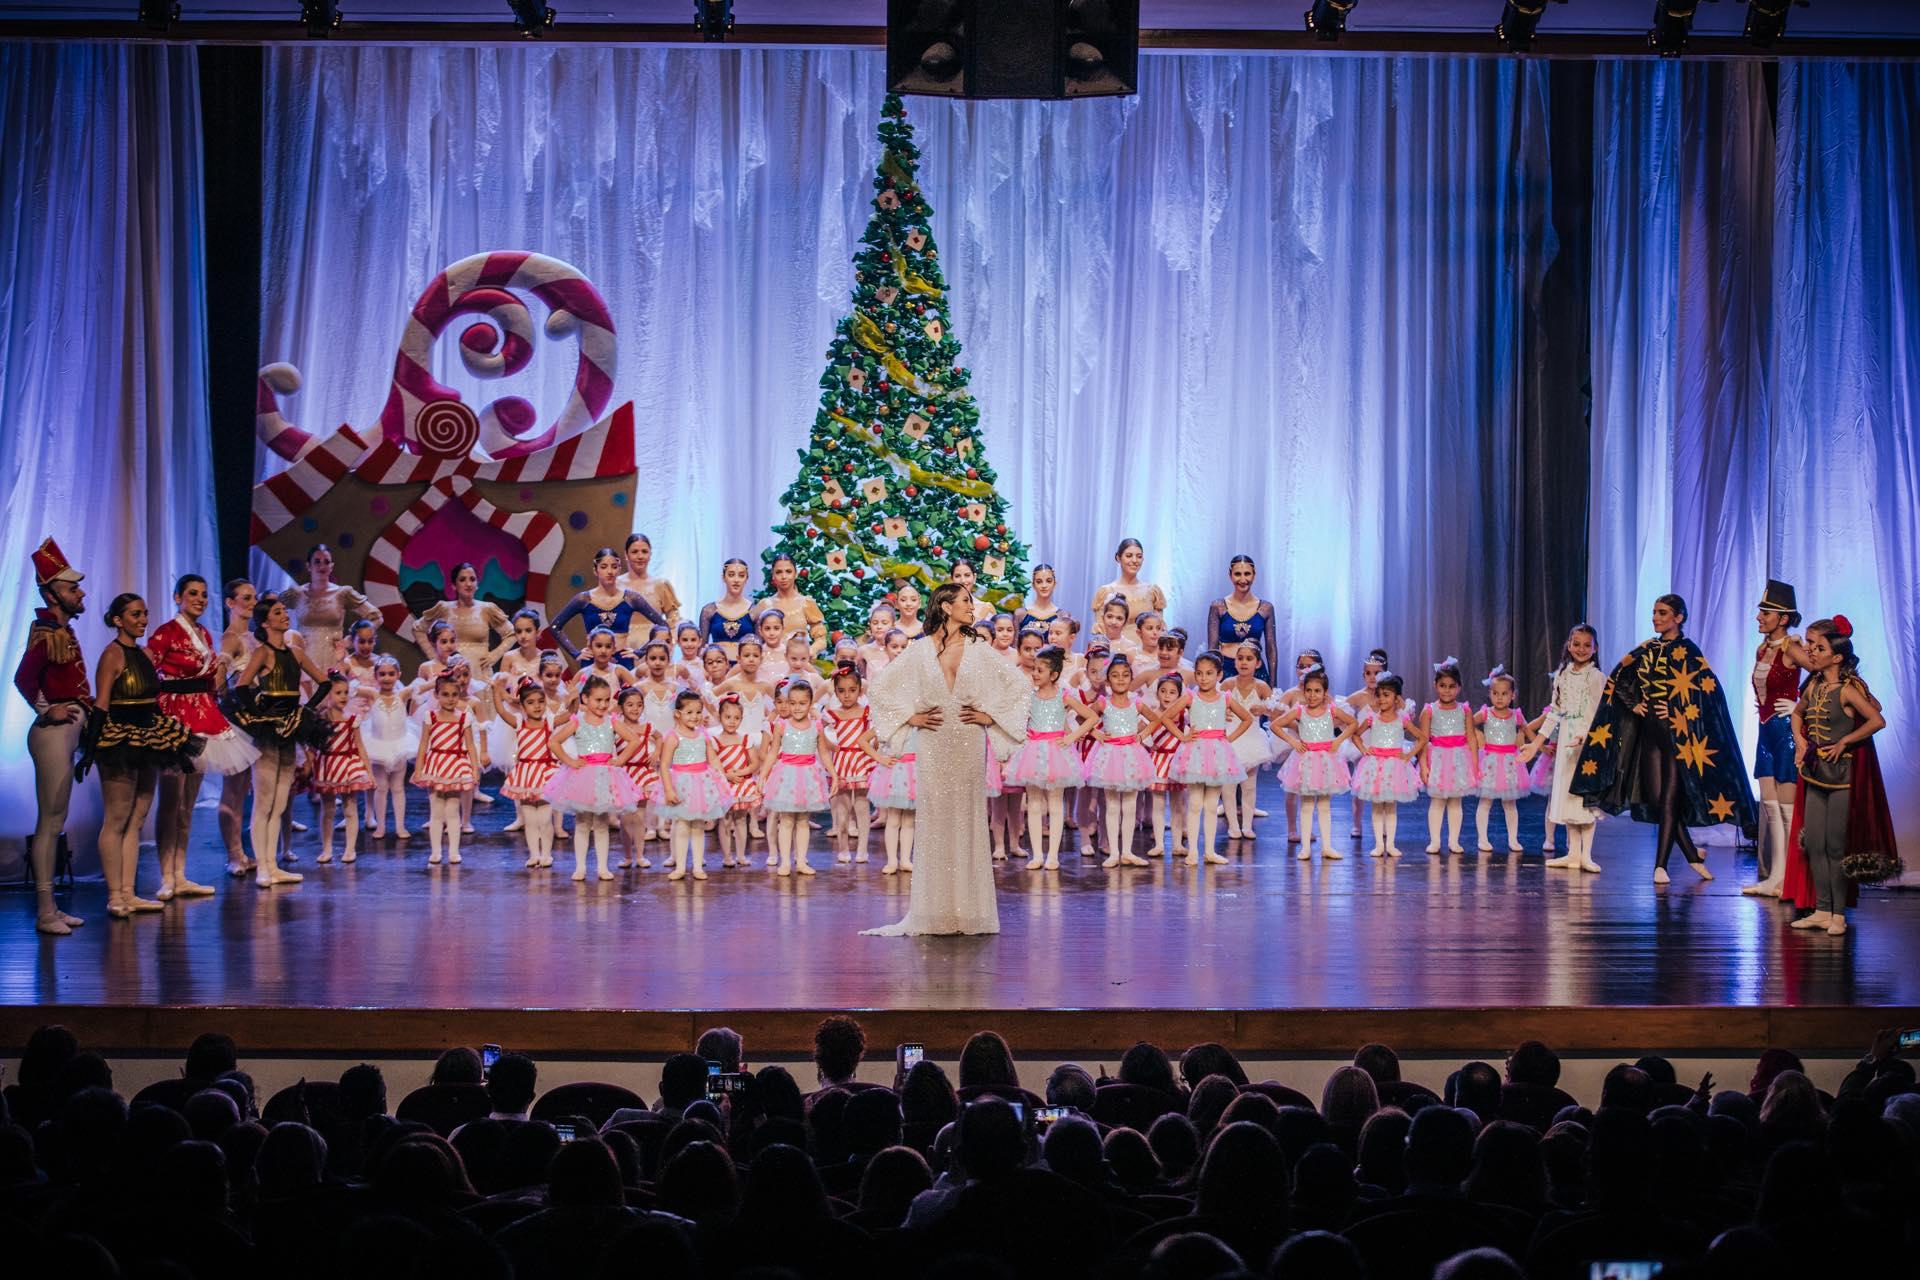 Ανανέωση του ραντεβού για την νέα χρονιά για την Σχολή Μπαλέτου Μαρία Κόκκινου